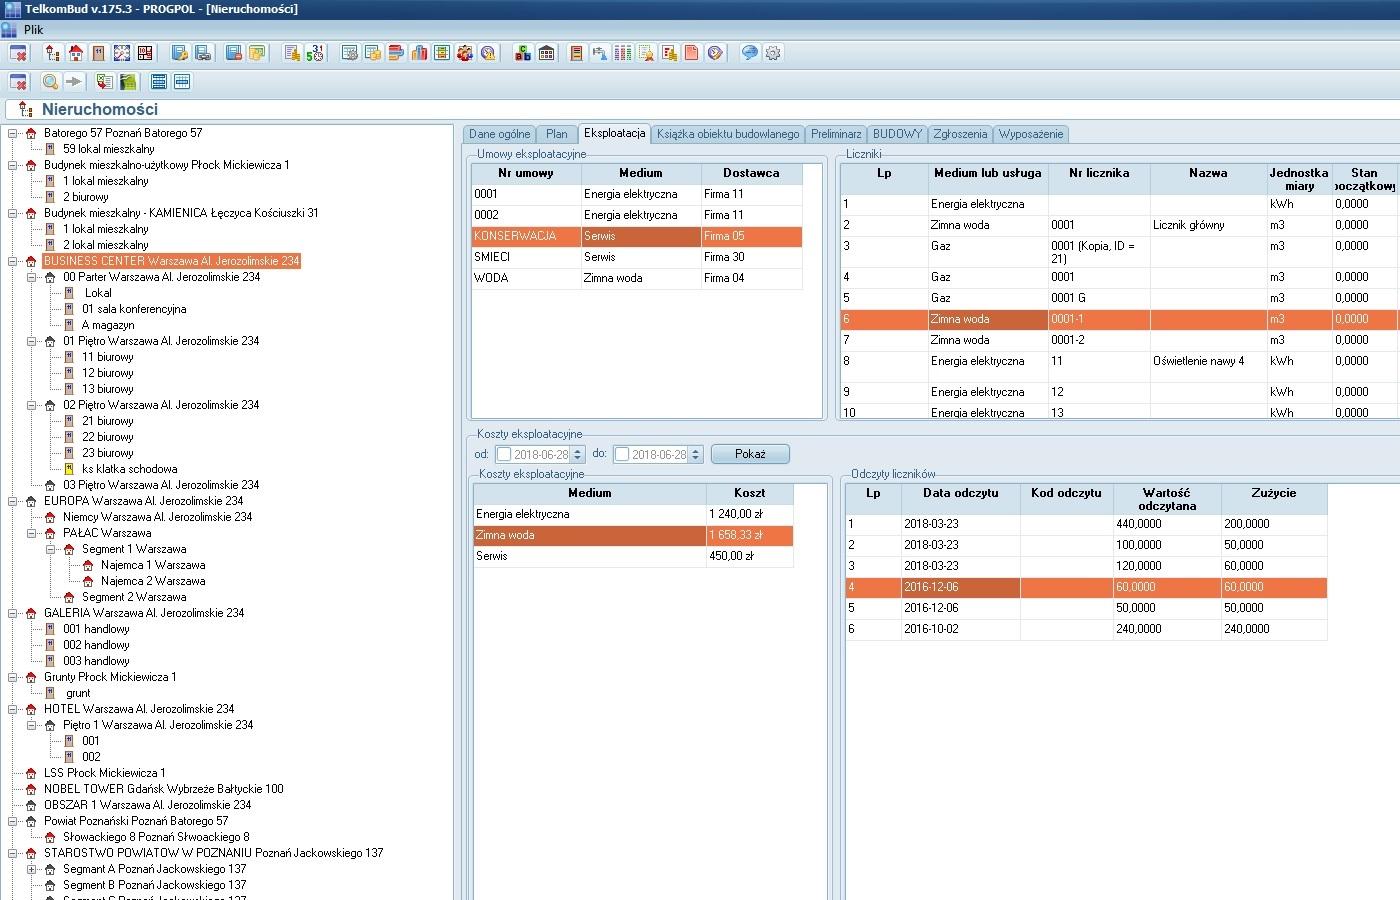 Okno ewidencji nieruchomości w module Nieruchomości systemu TelkomBud